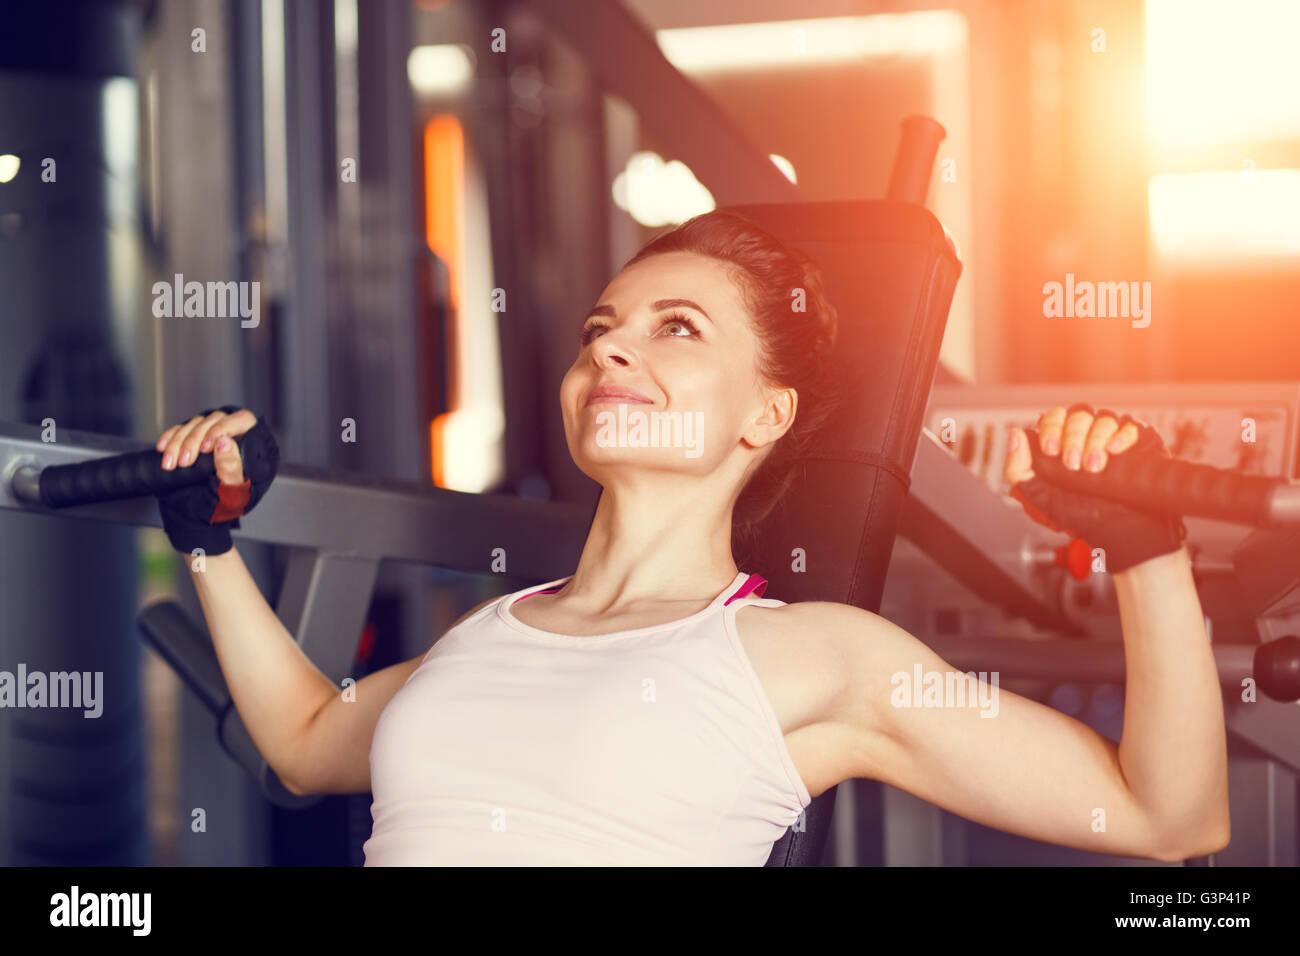 Giovane donna sorridente facendo volare torace esercita sulla macchina una palestra. Immagini Stock